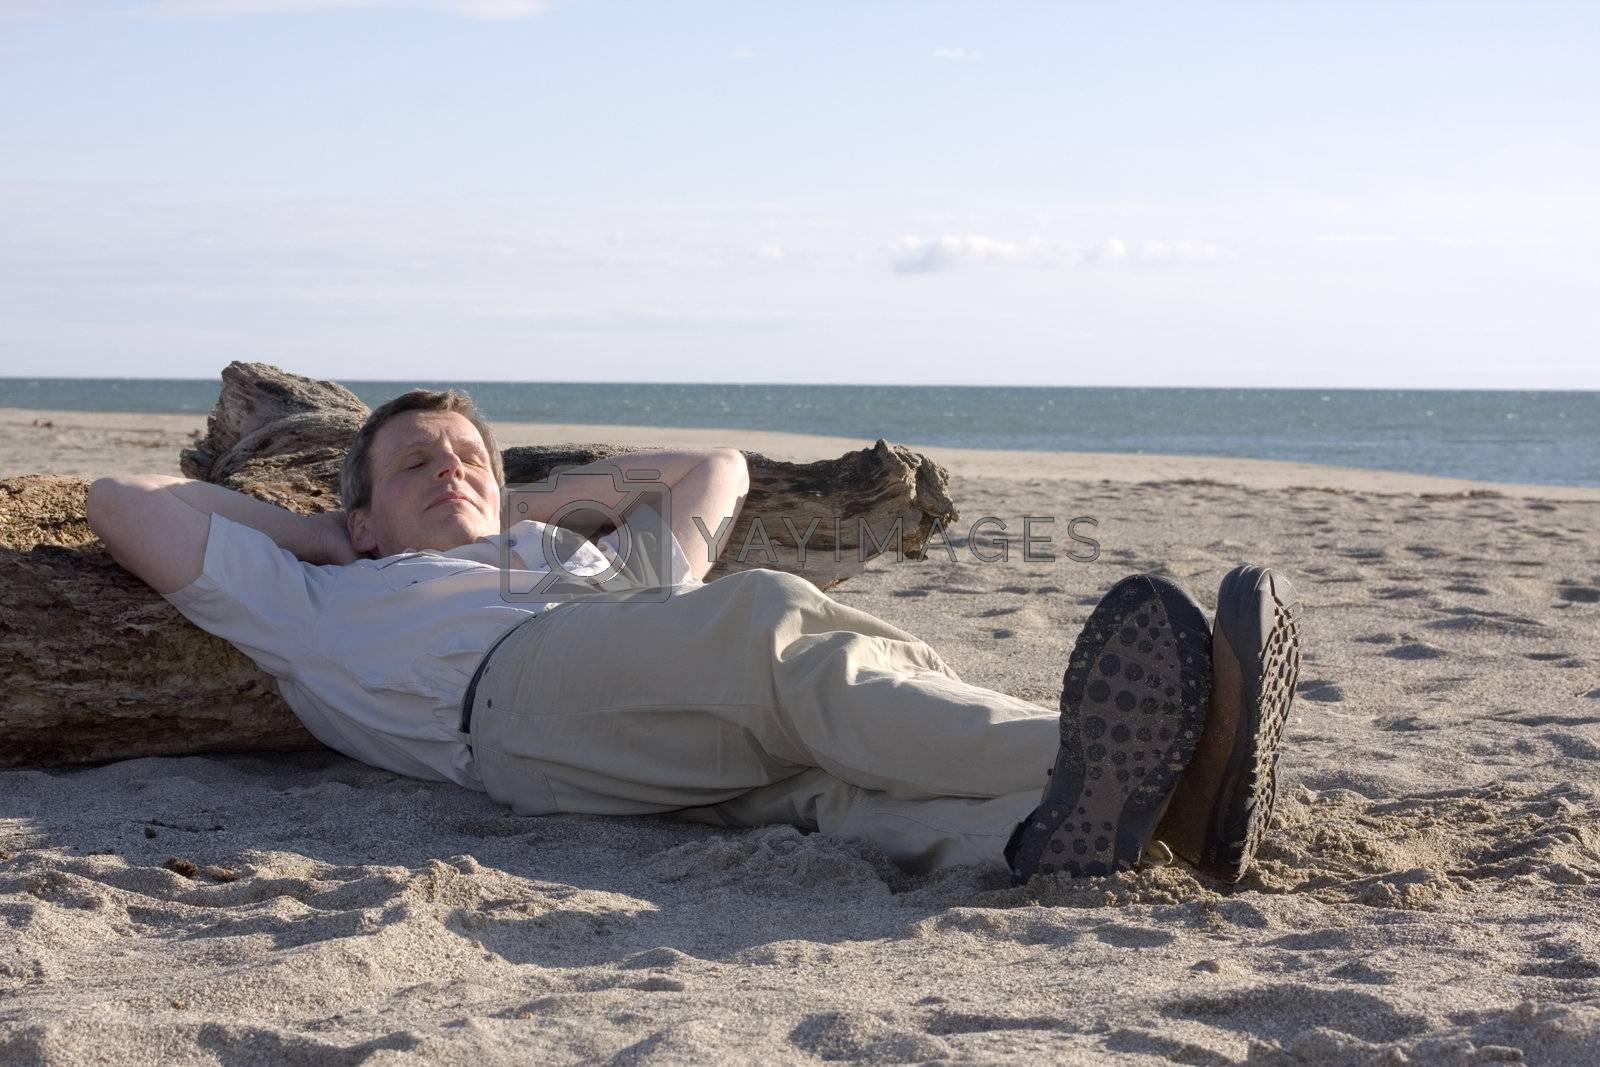 Man sleeping on a beach on a sunny day